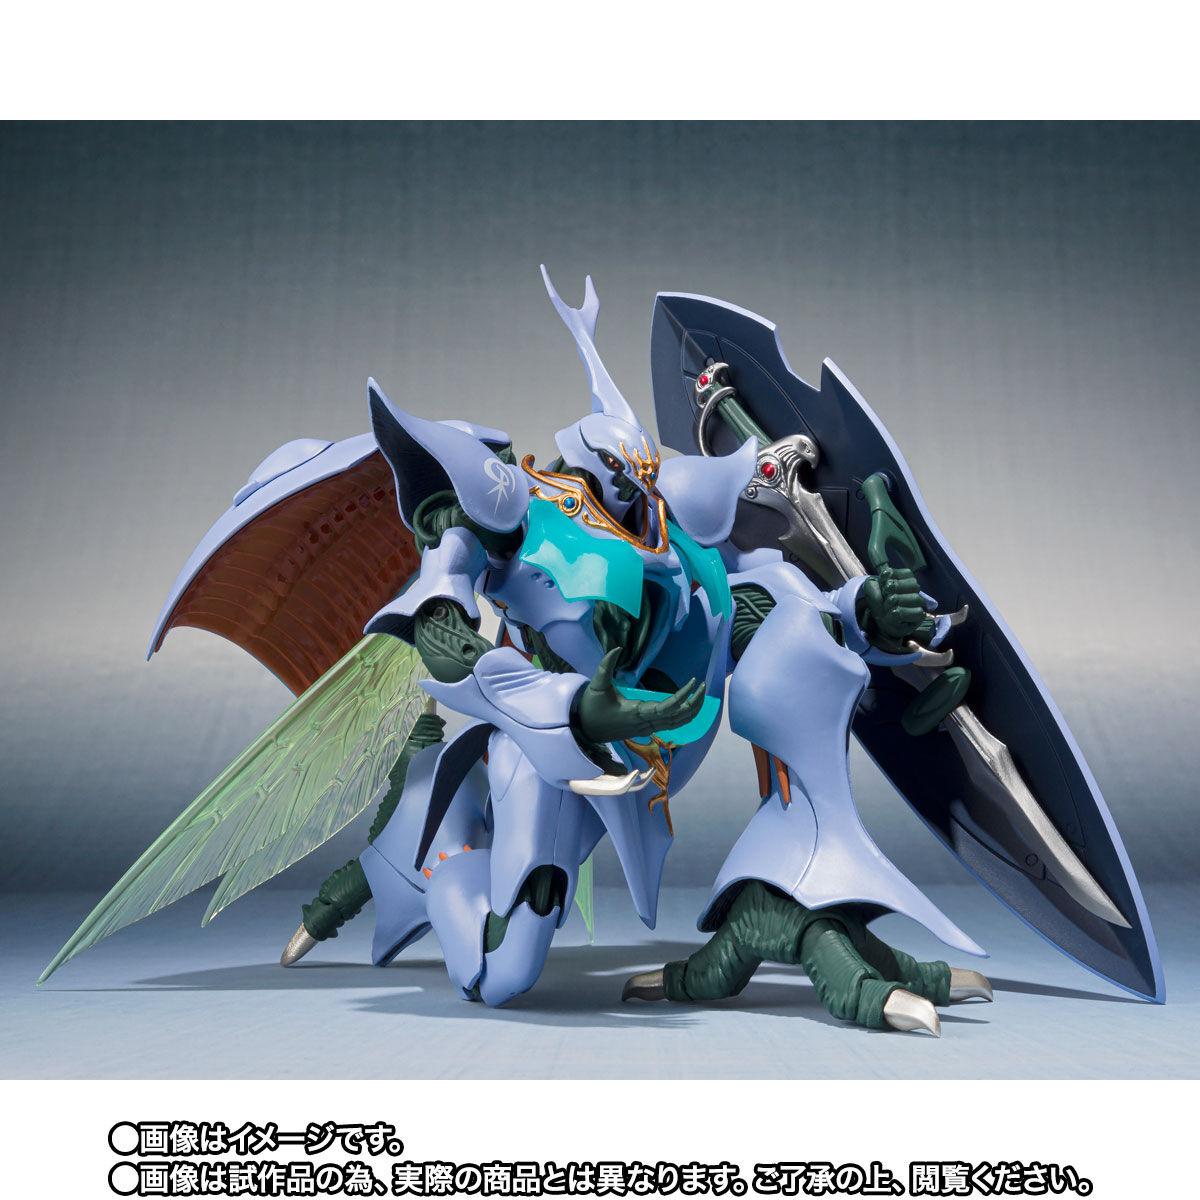 【限定販売】ROBOT魂〈SIDE AB〉『サーバイン(AURA FHANTASM)』可動フィギュア-008